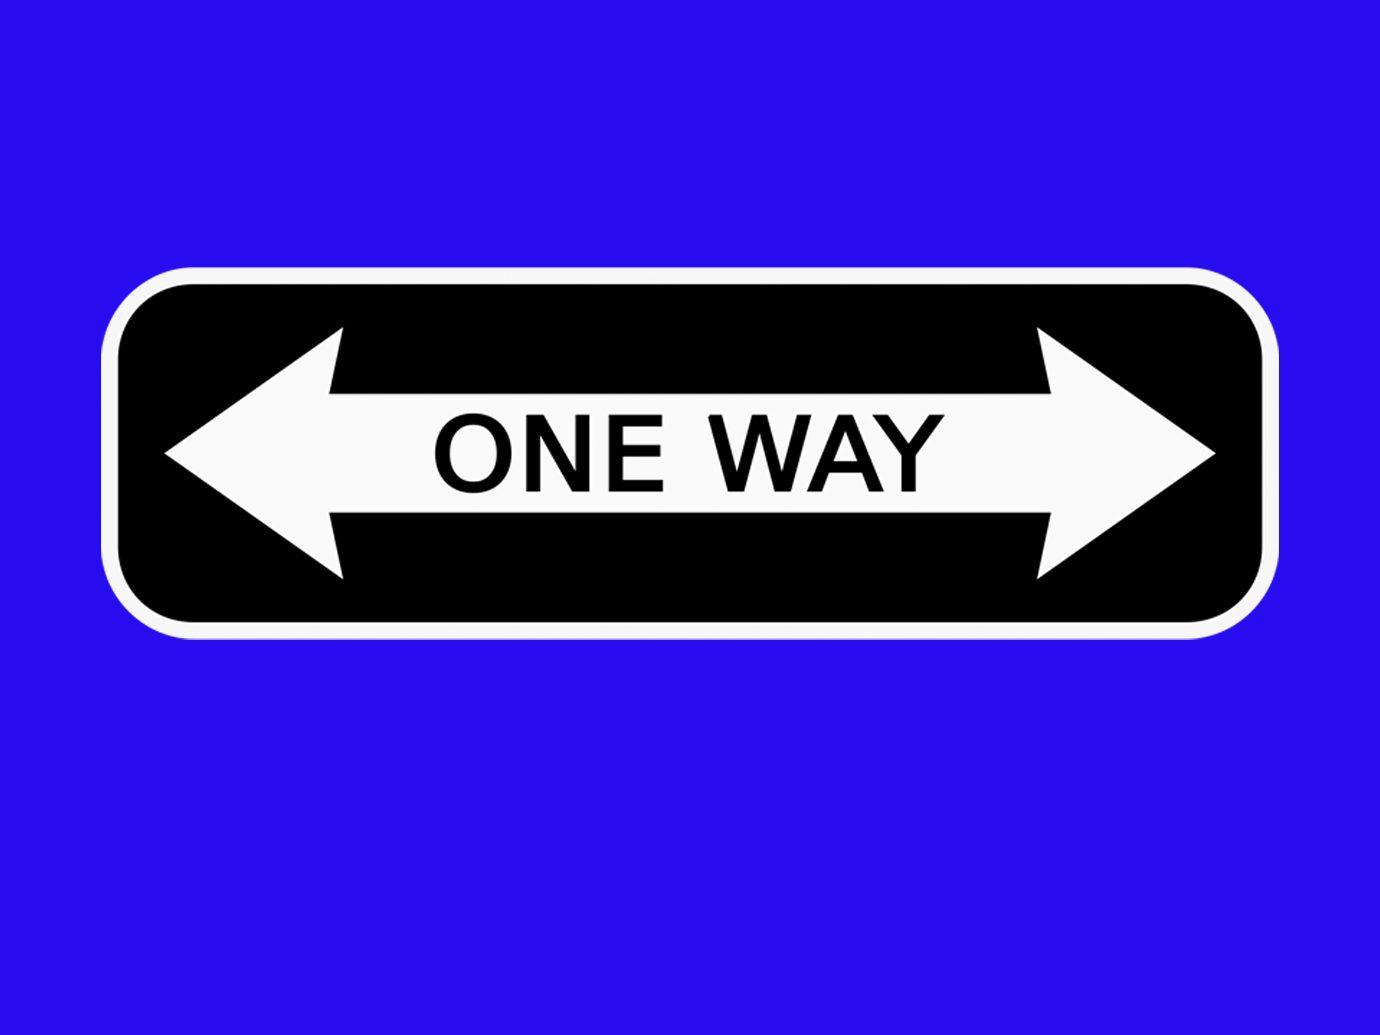 Der Gleichklang von Wahl und Qual – Zufall?